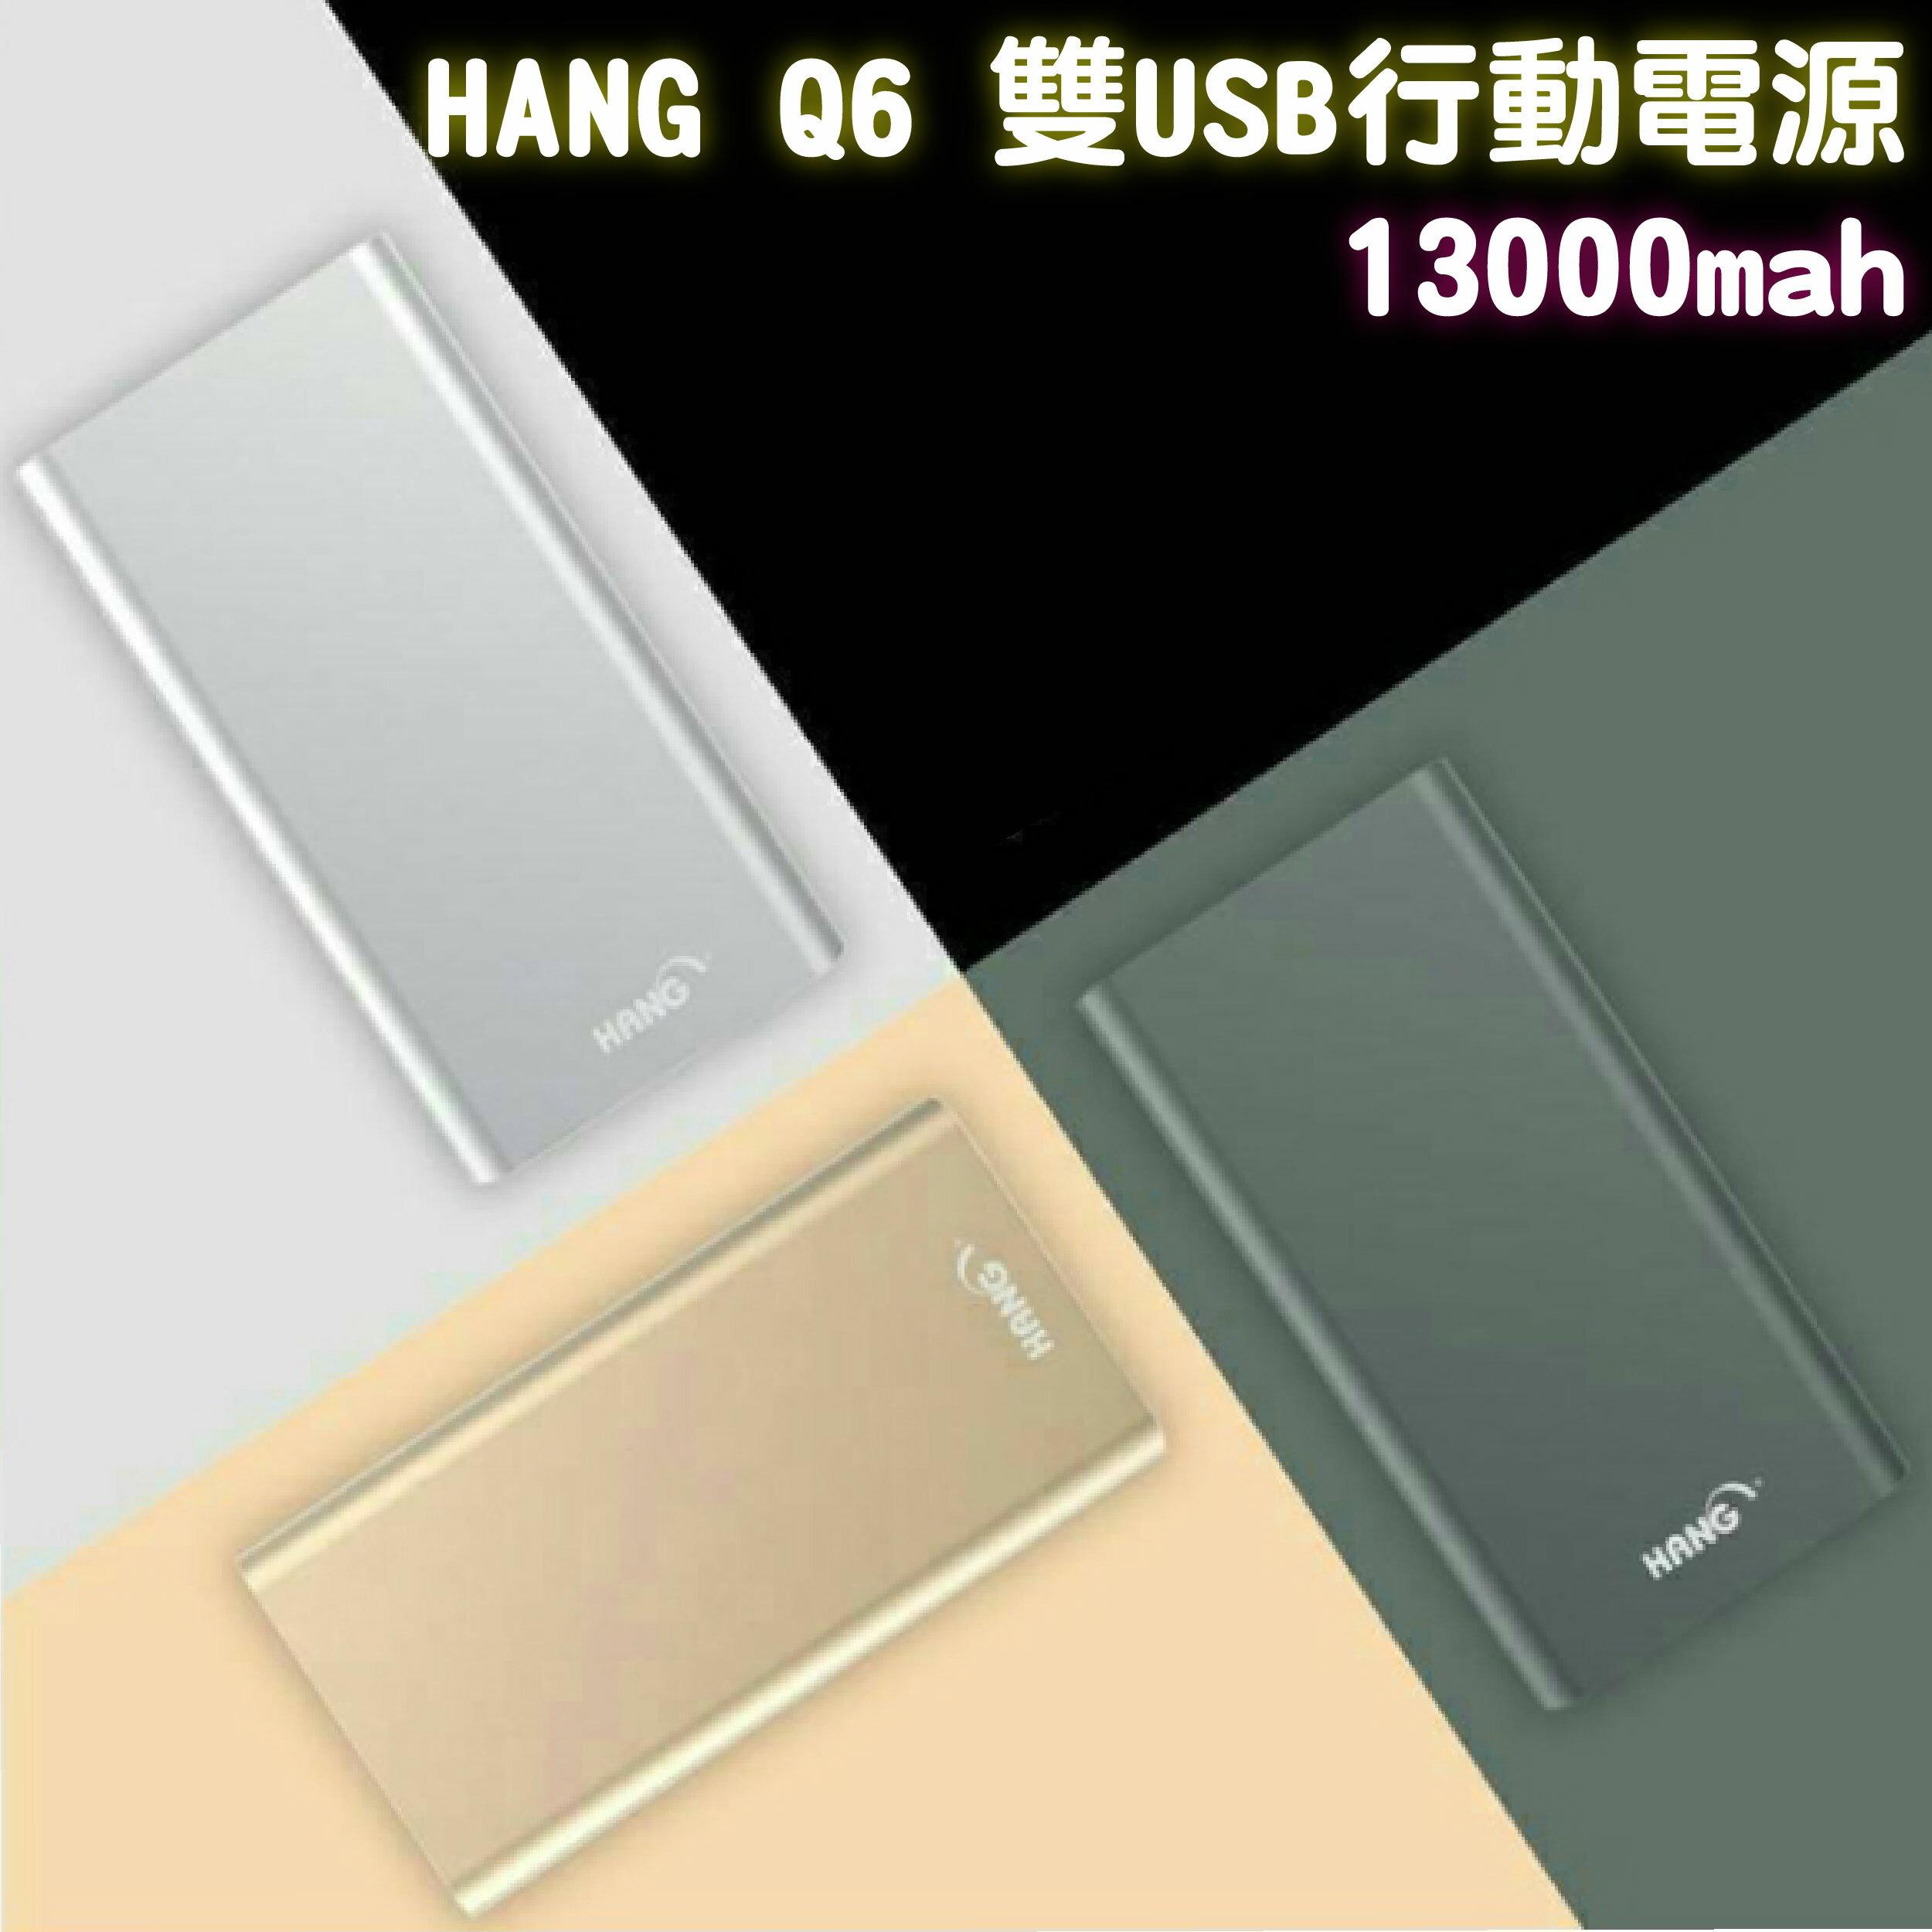 HANG Q6 13000mAh 2.1A 大輸出 雙孔USB 行動電源 鋰聚合物電池 手機平板